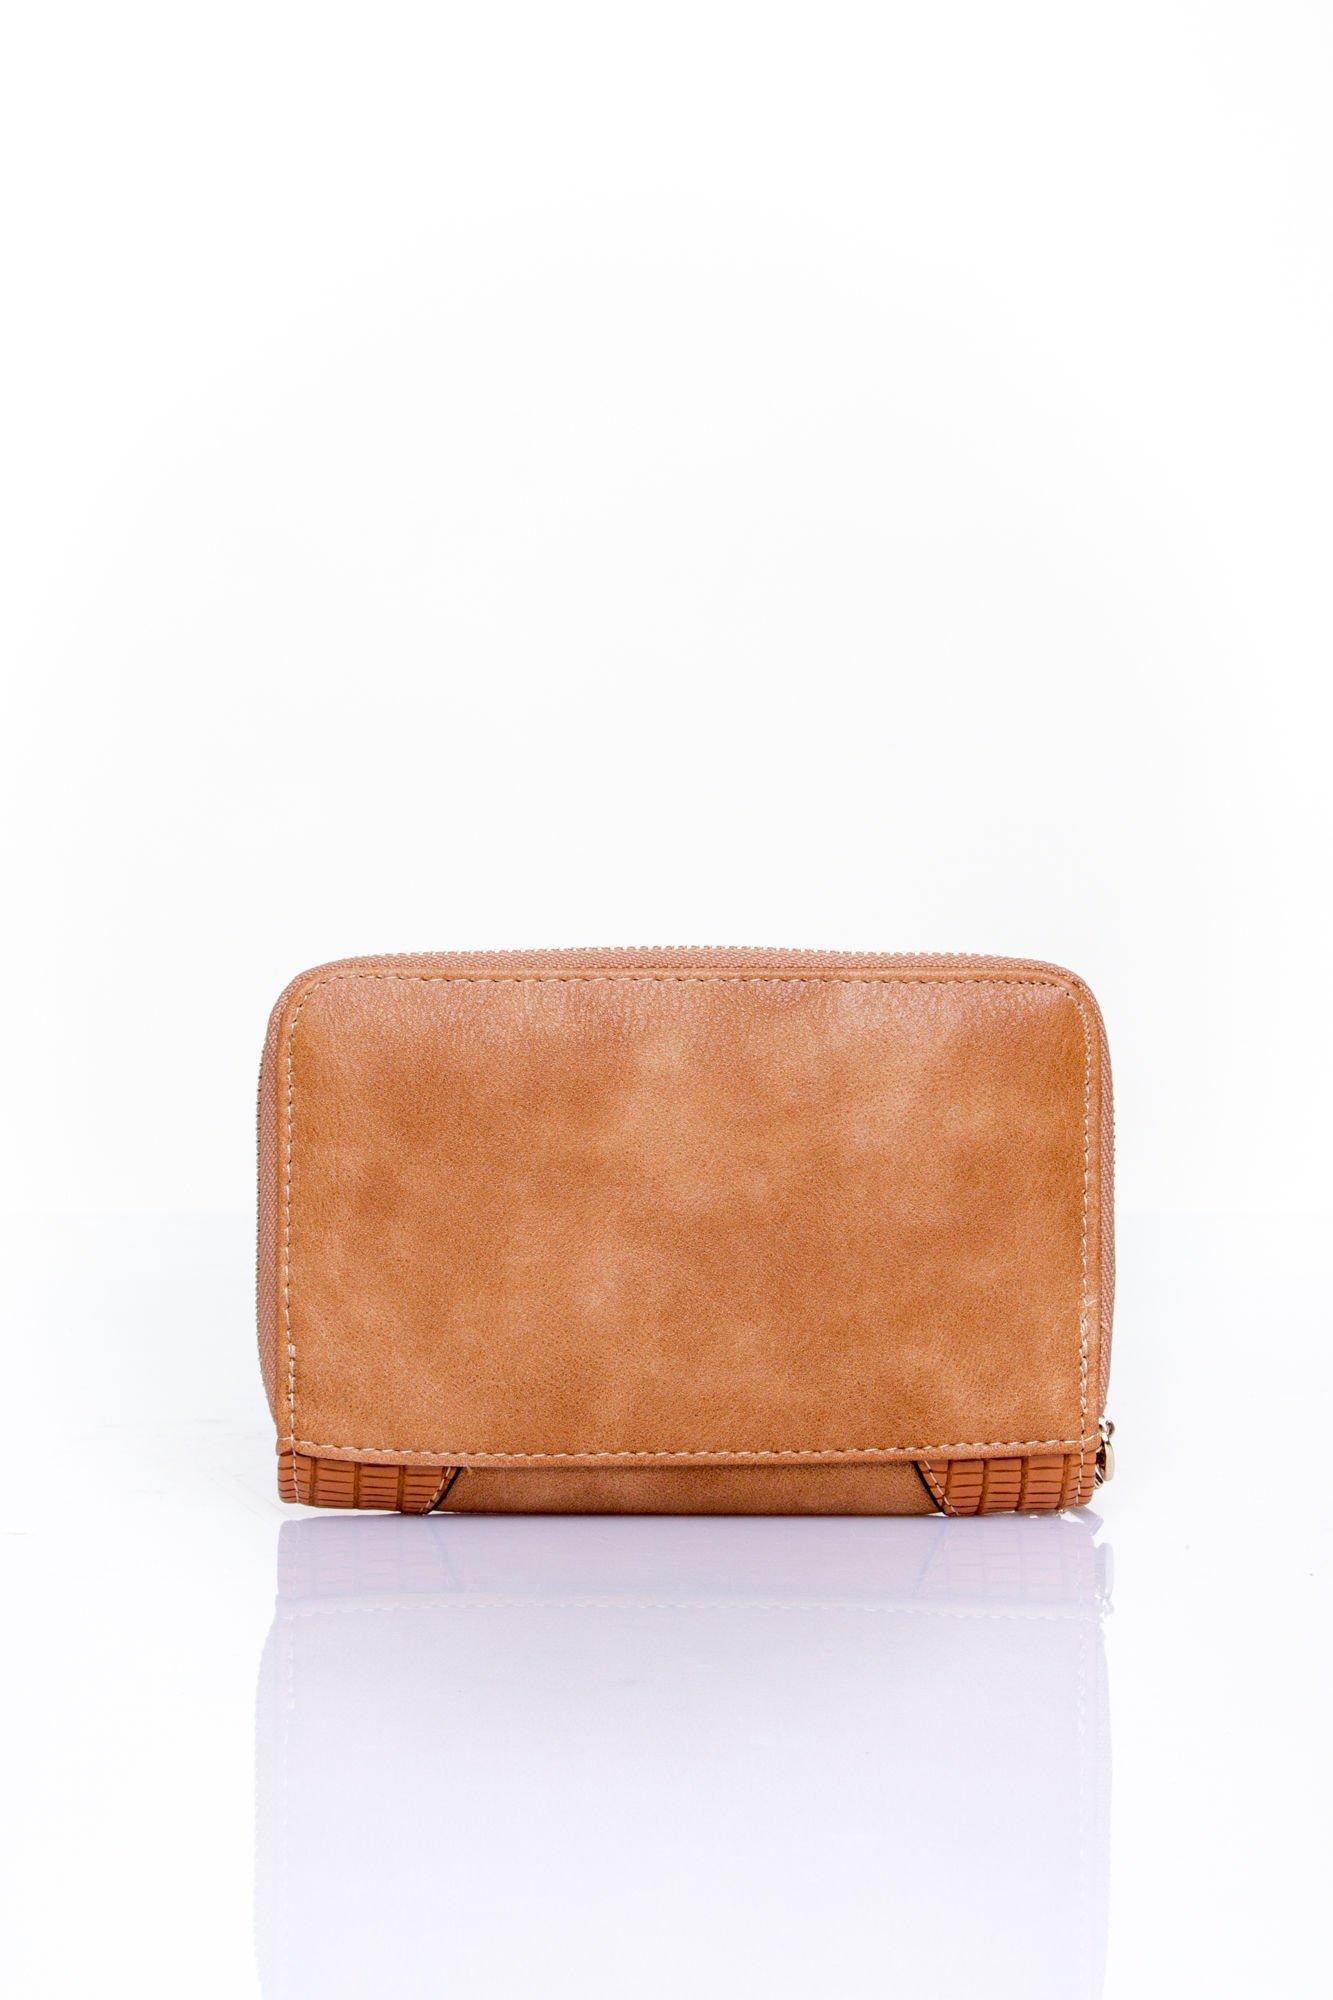 Brązowy portfel z ozdobną złotą klamrą                                  zdj.                                  2